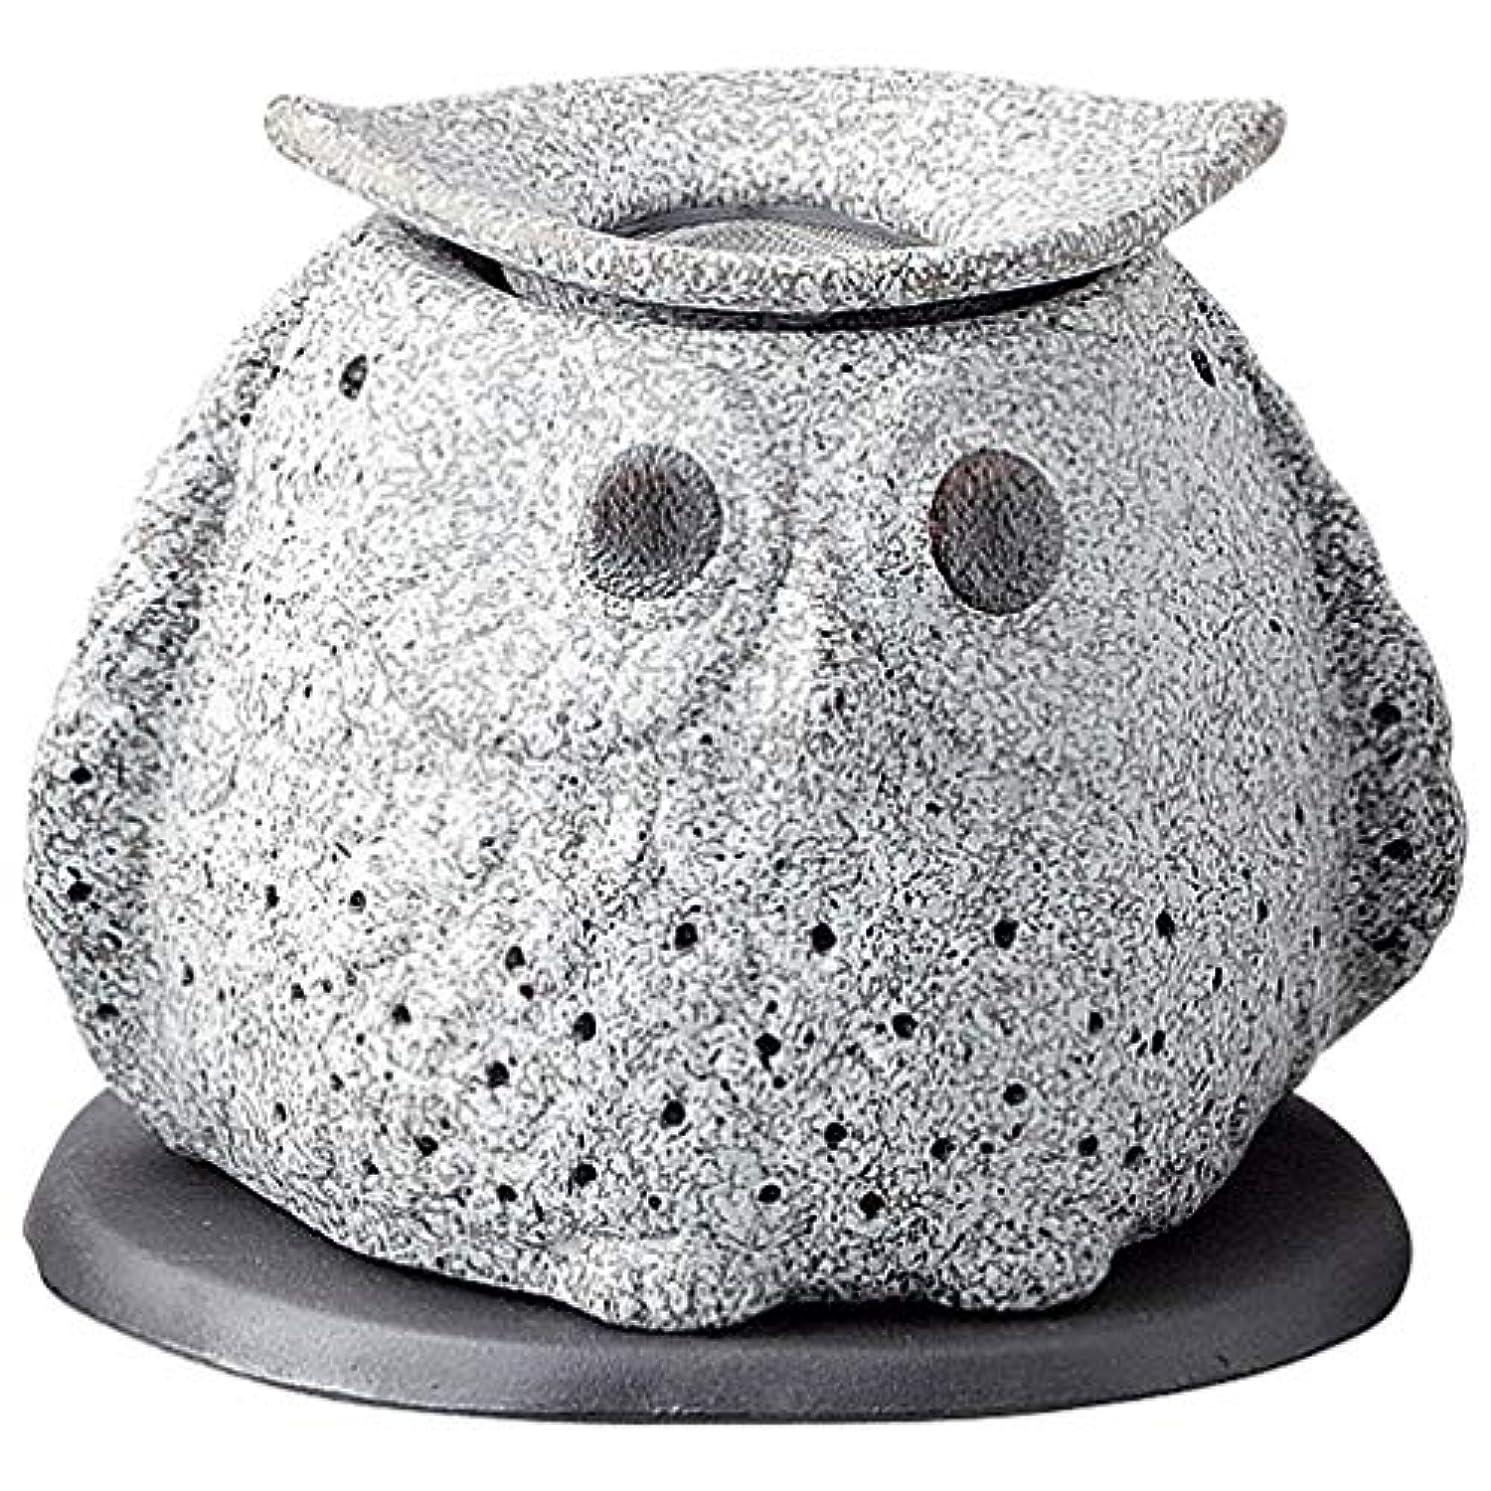 共役ルール彫る常滑焼 G1723 茶香炉  16×12×15cm